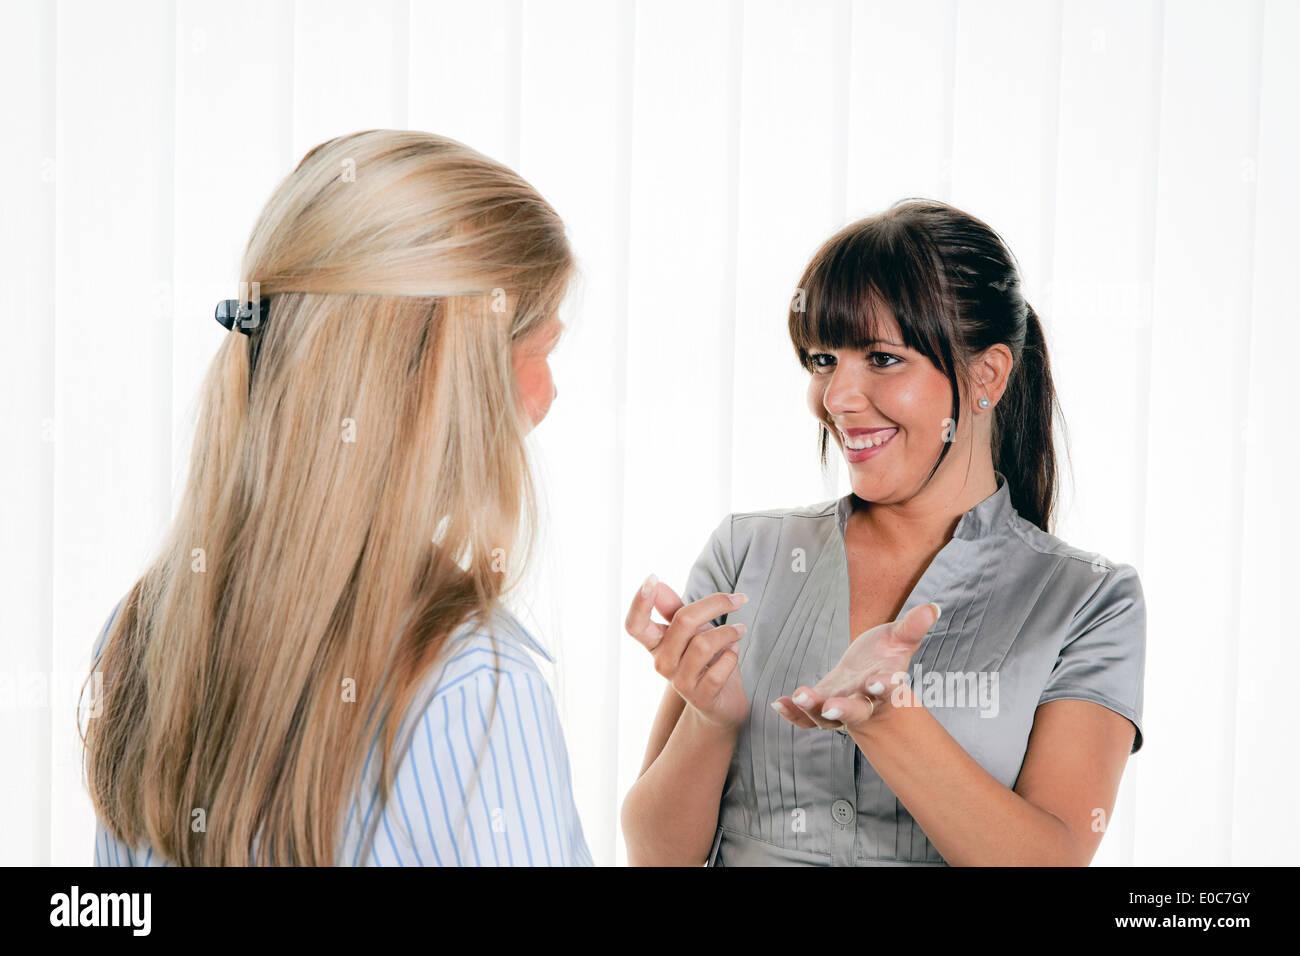 Two women in the conversation on the place Arbits in the office, Zwei Frauen beim Gespraech am Arbitsplatz im Buero - Stock Image